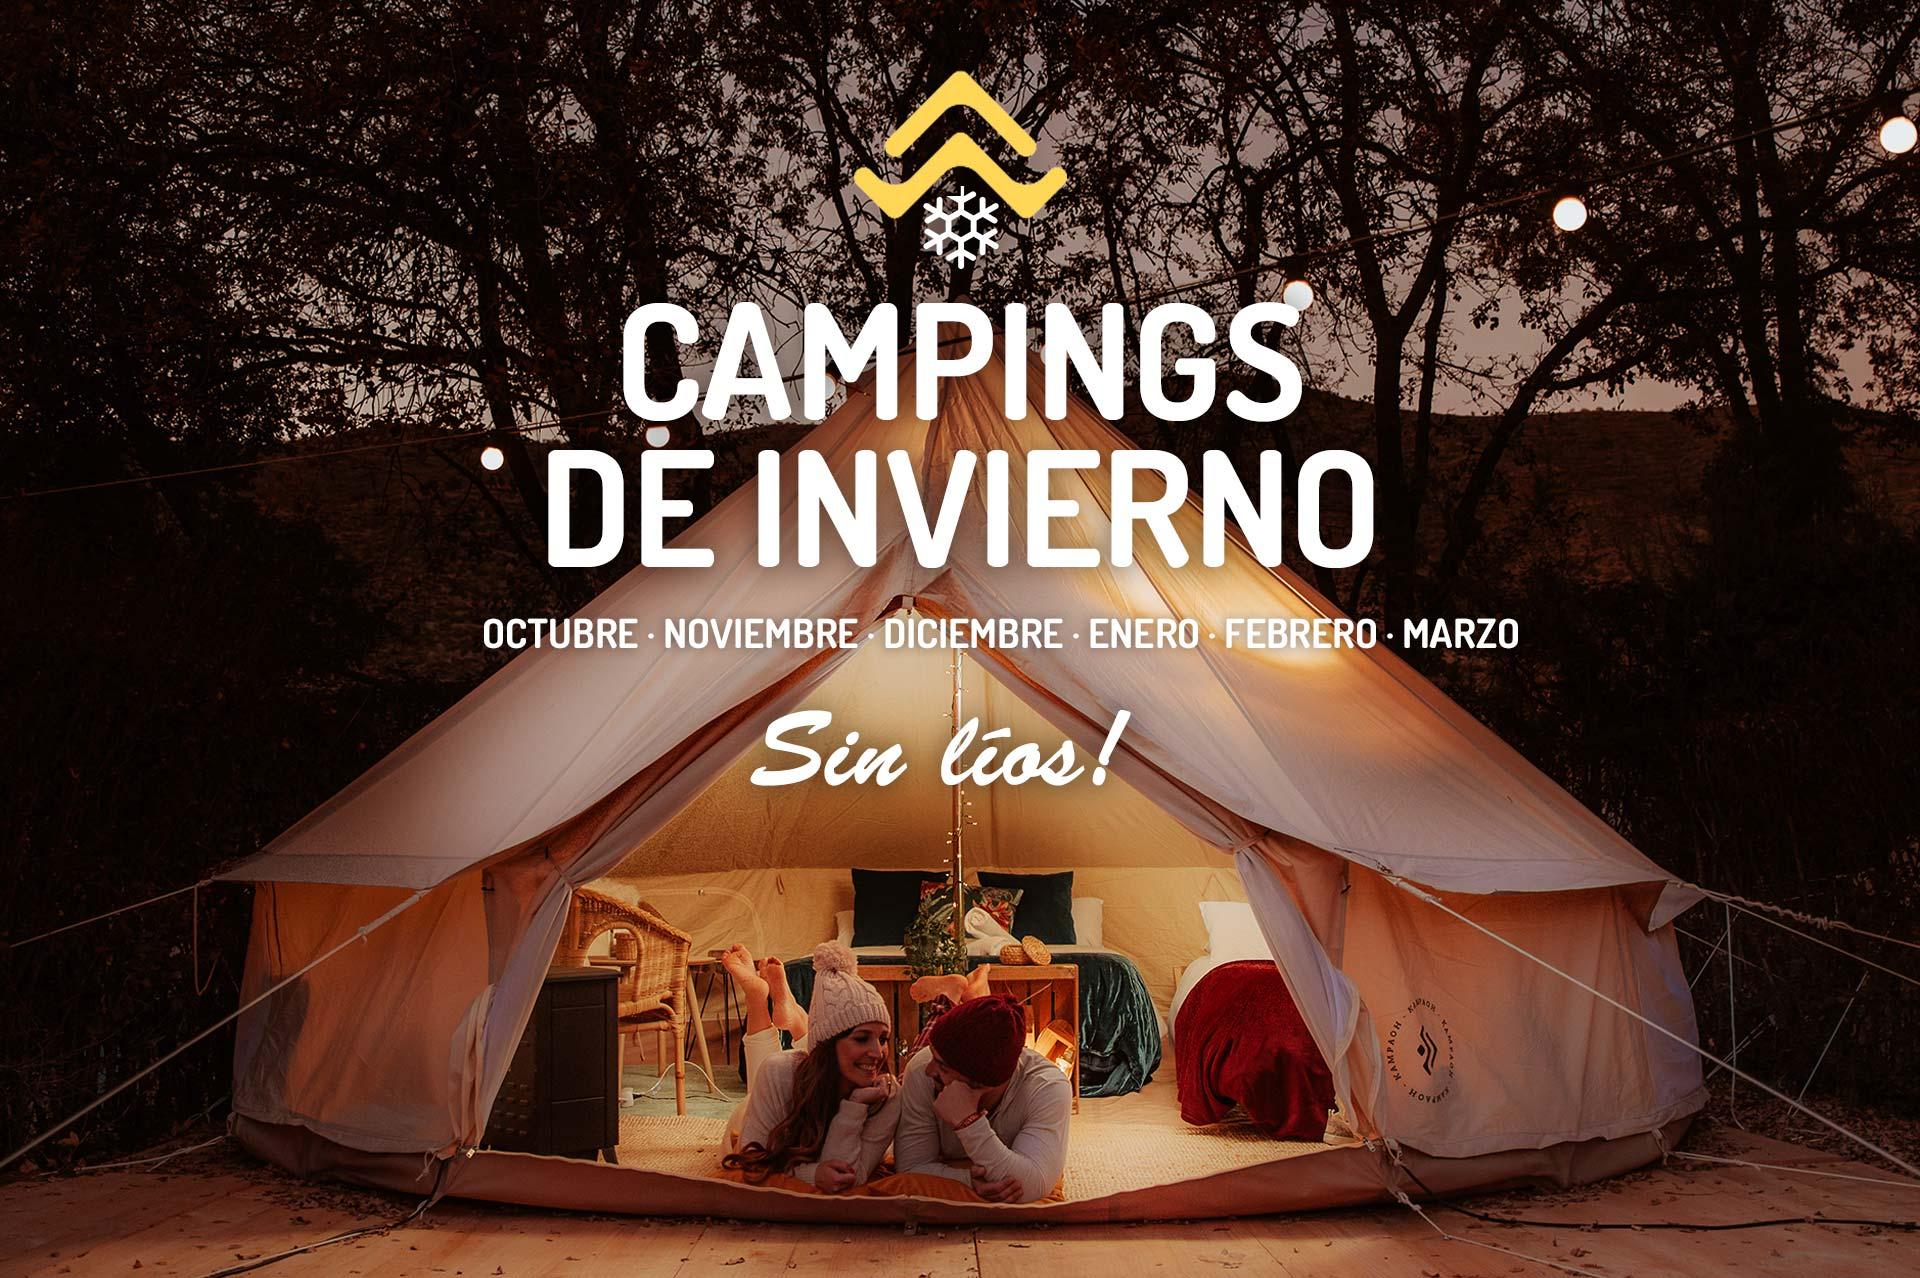 Campings para invierno con tiendas de campaña montadas todo incluido